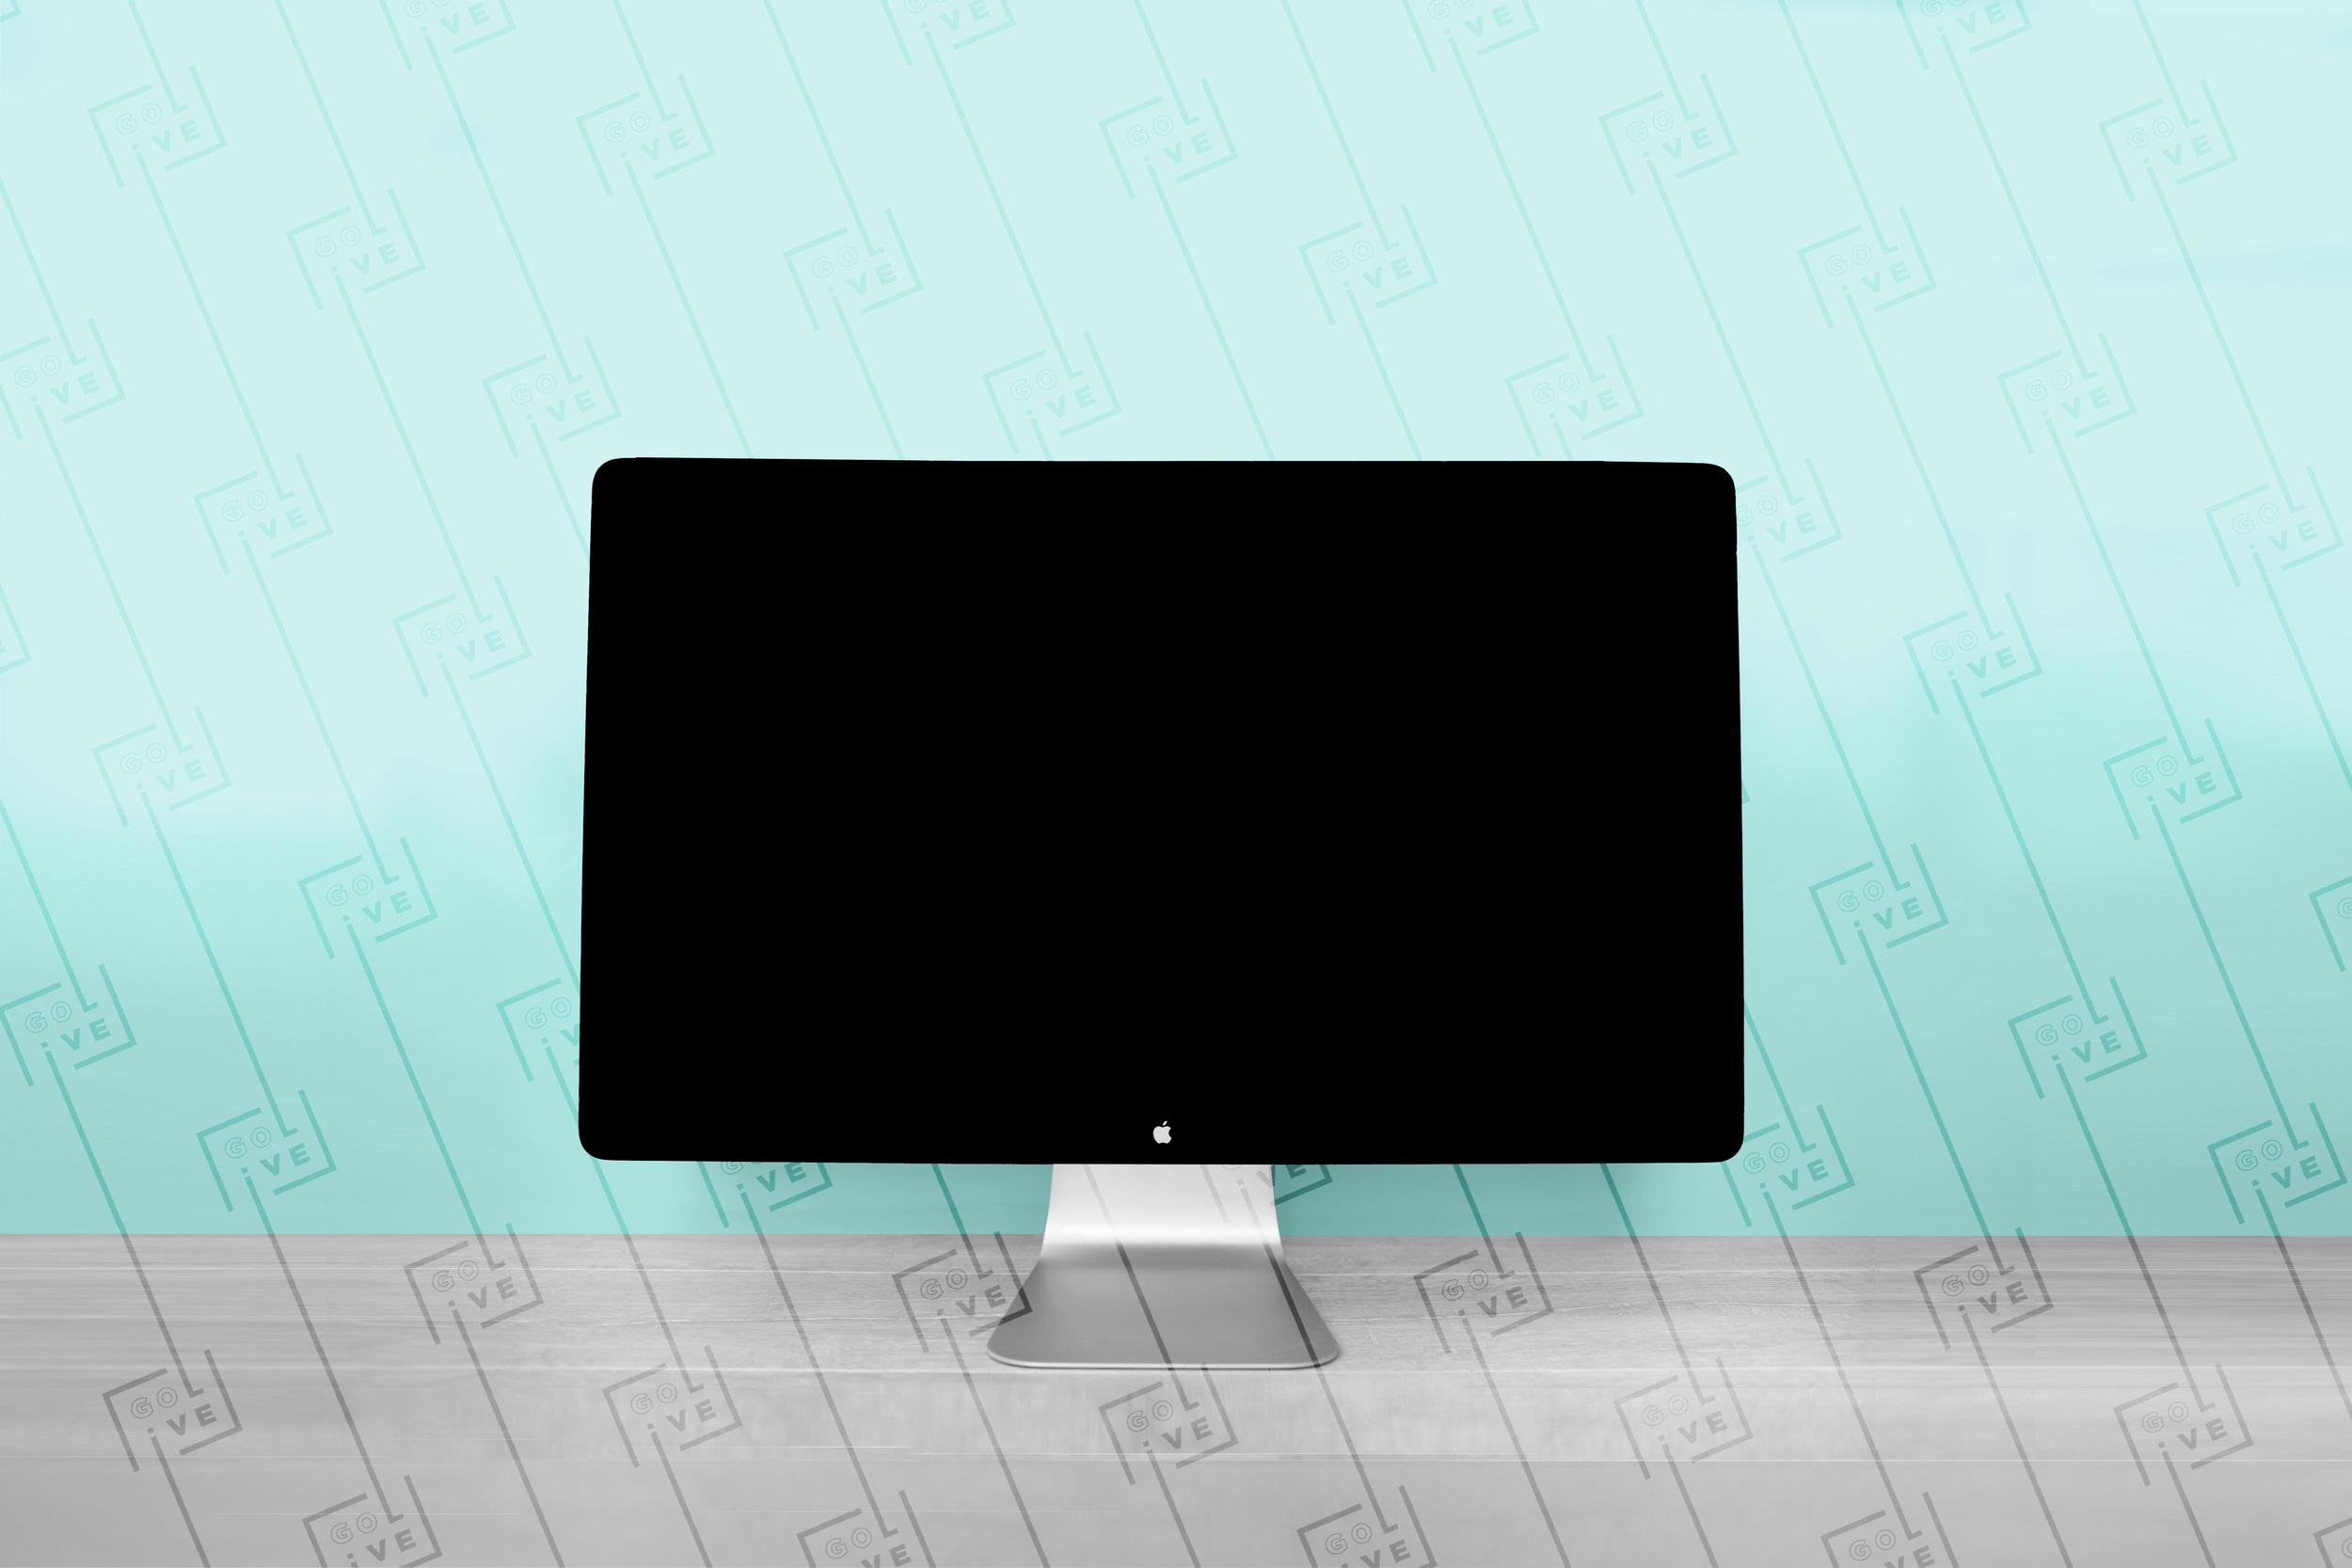 desktopmockup01.jpg